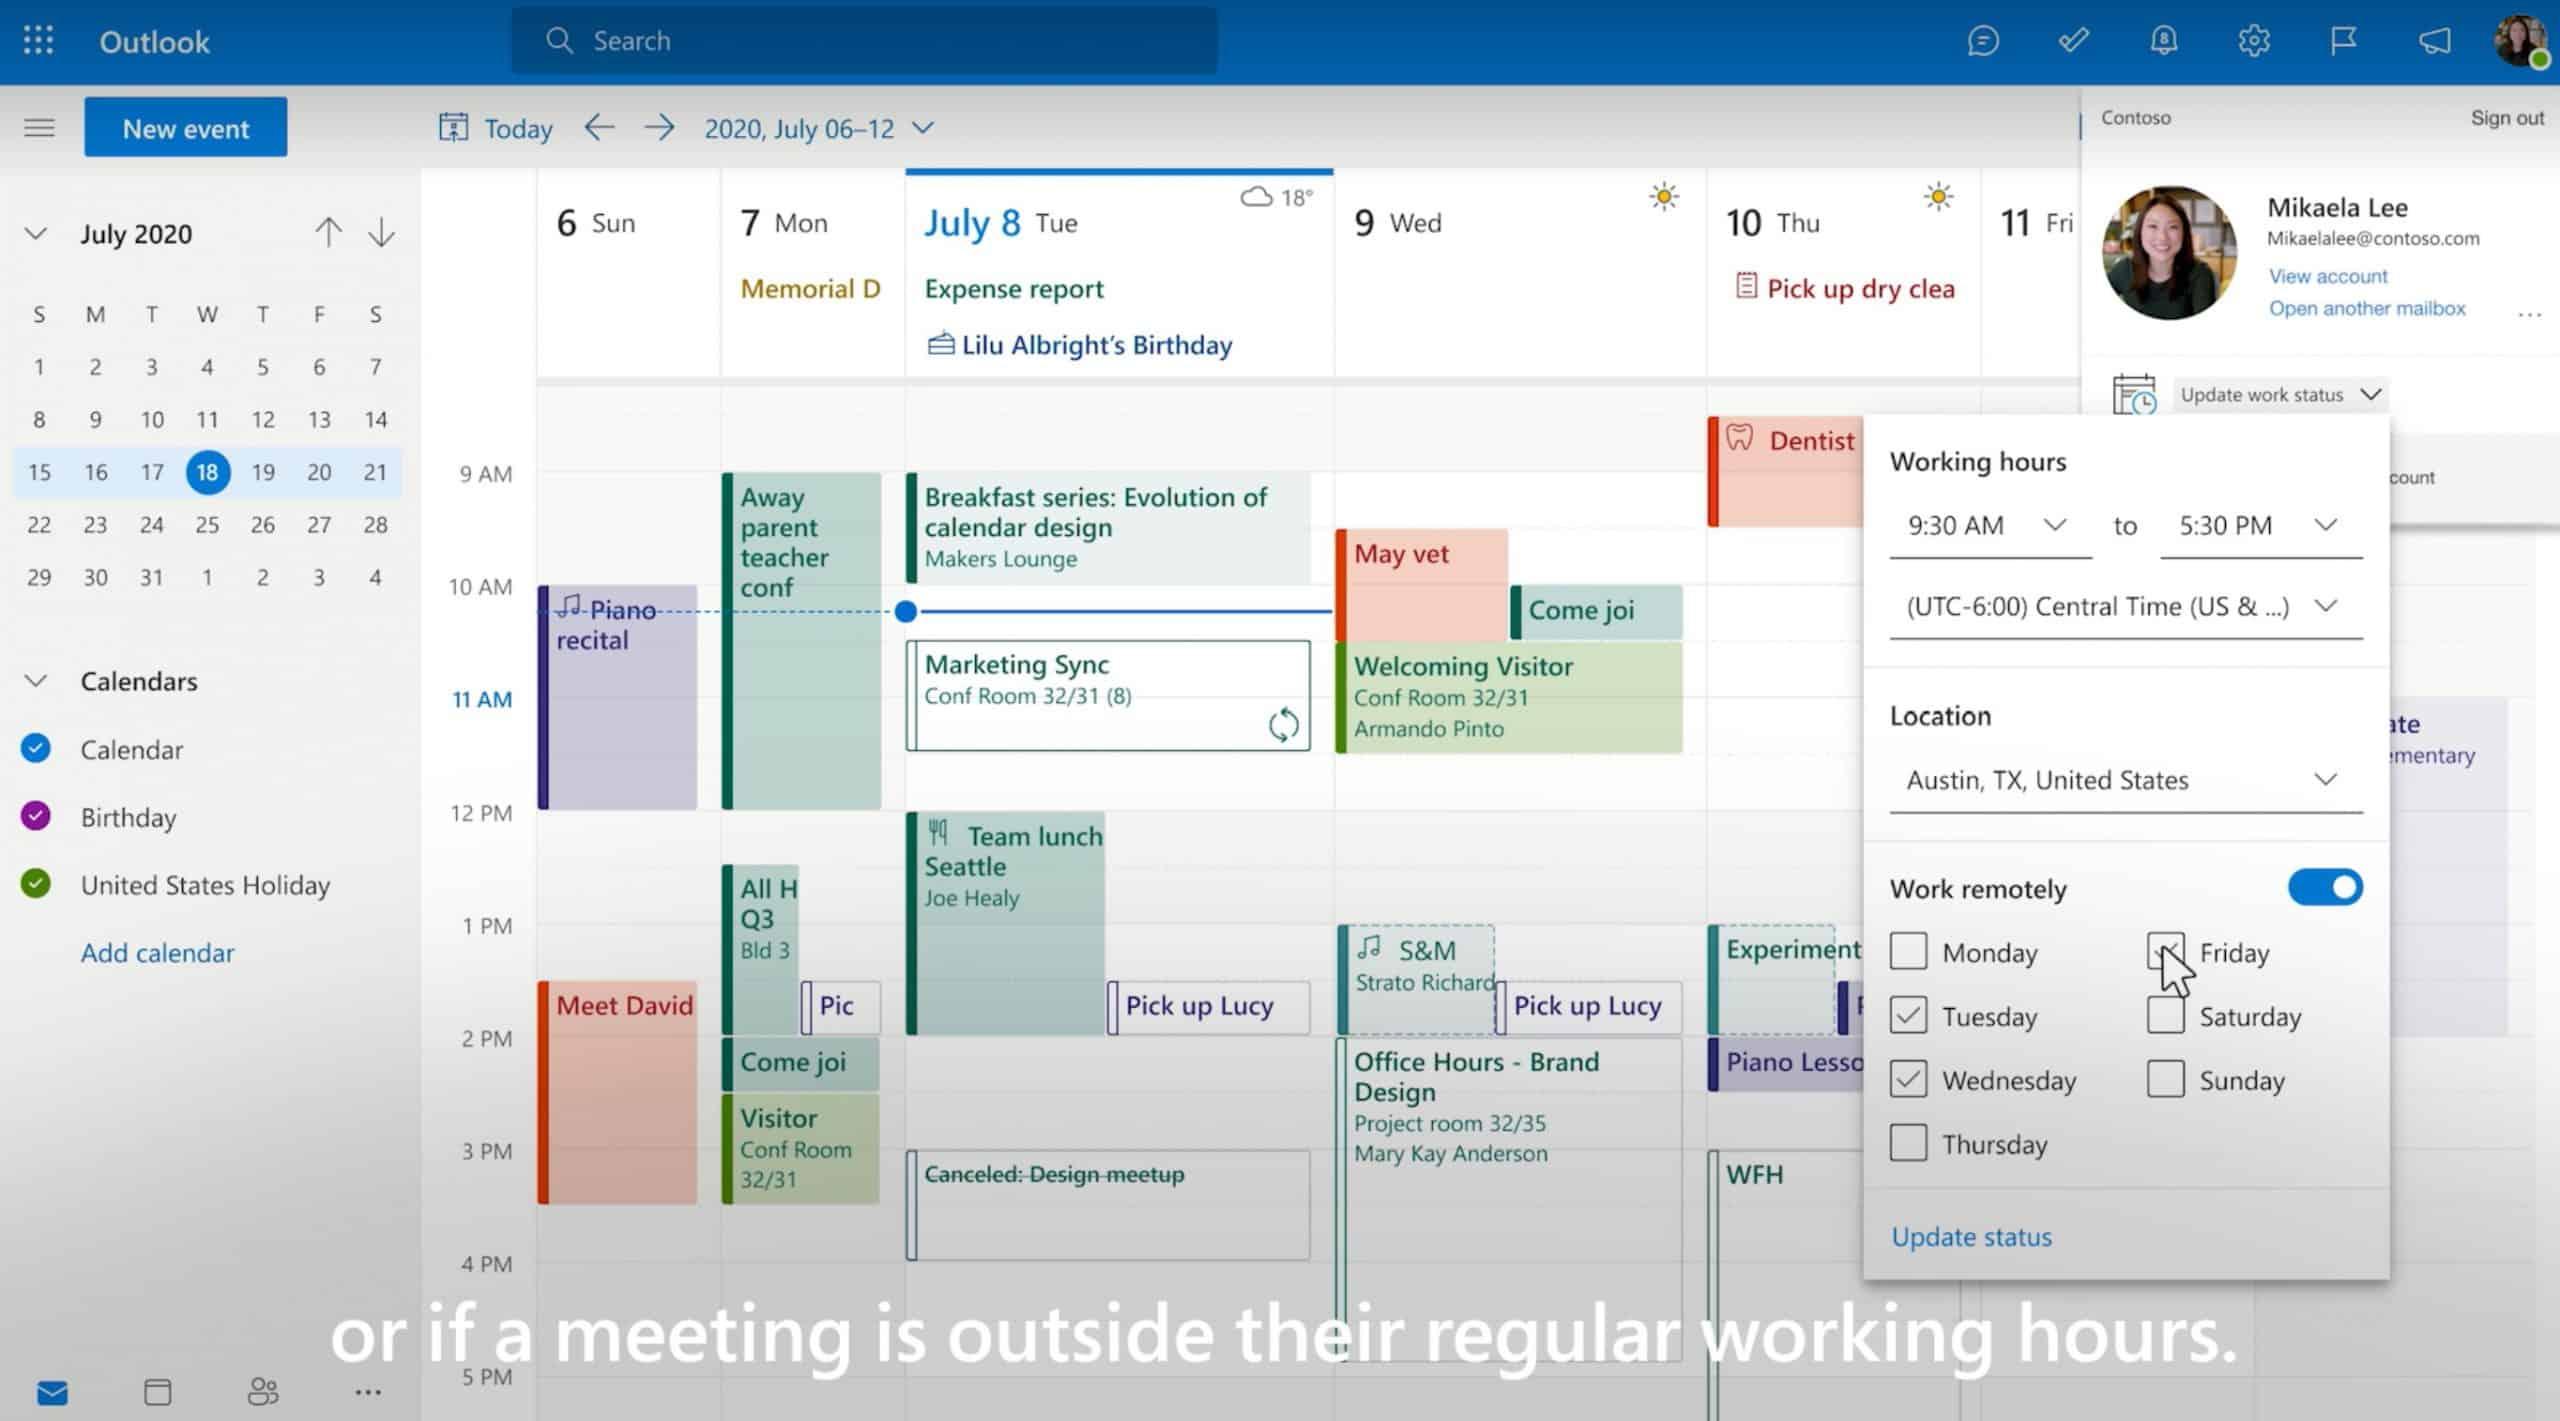 Utilisation des working hours dans Outlook